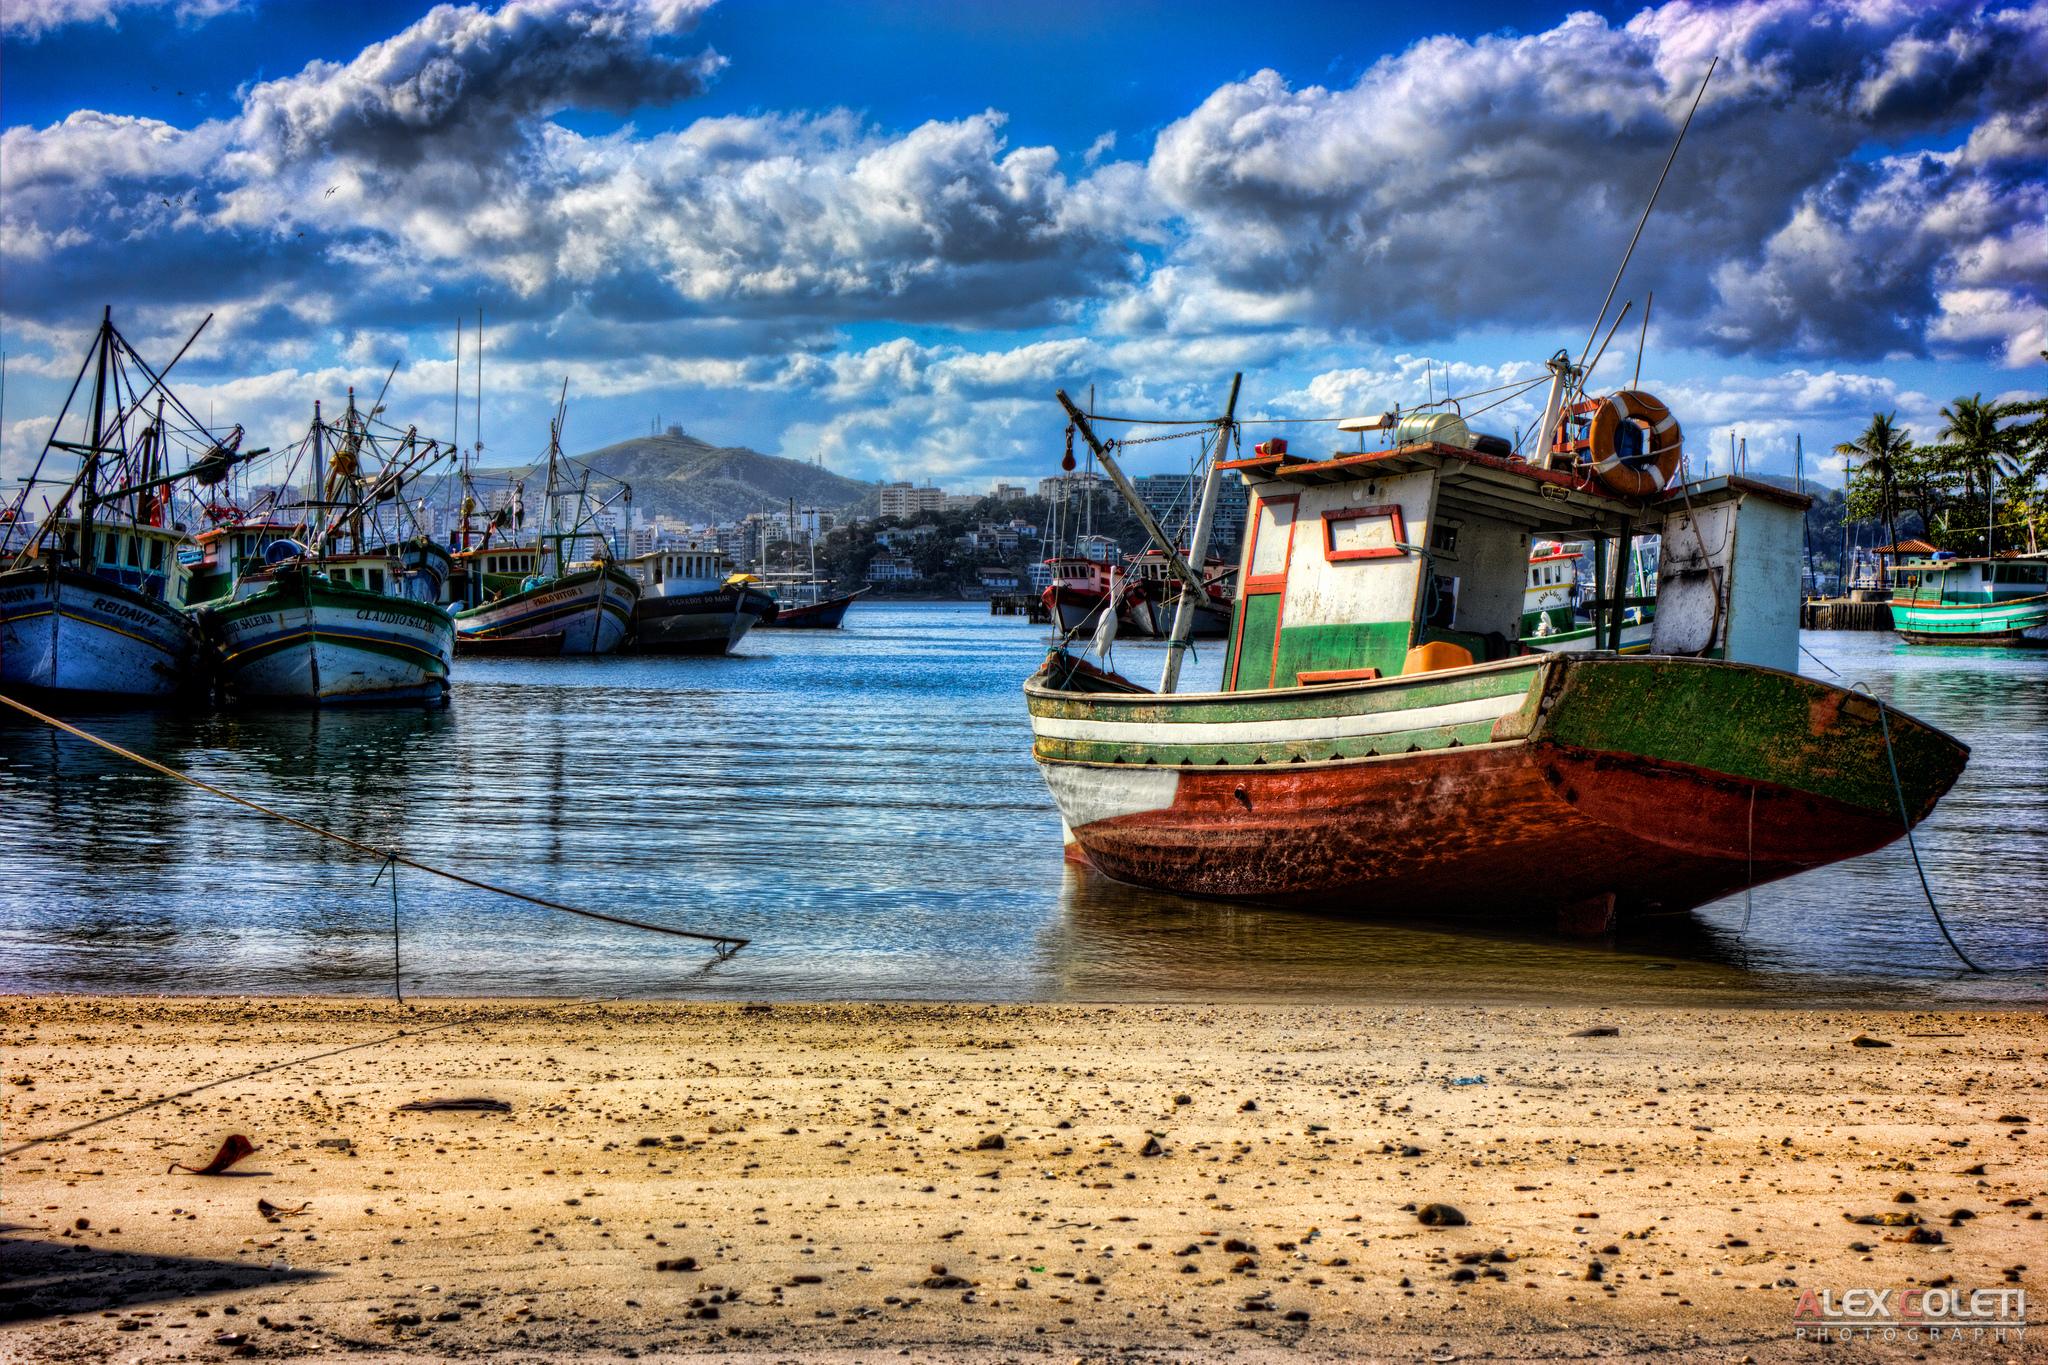 Jurujuba, Niterói, Baía de Guanabara. Foto: Alex Coleti | flickr.com/alexcoleti